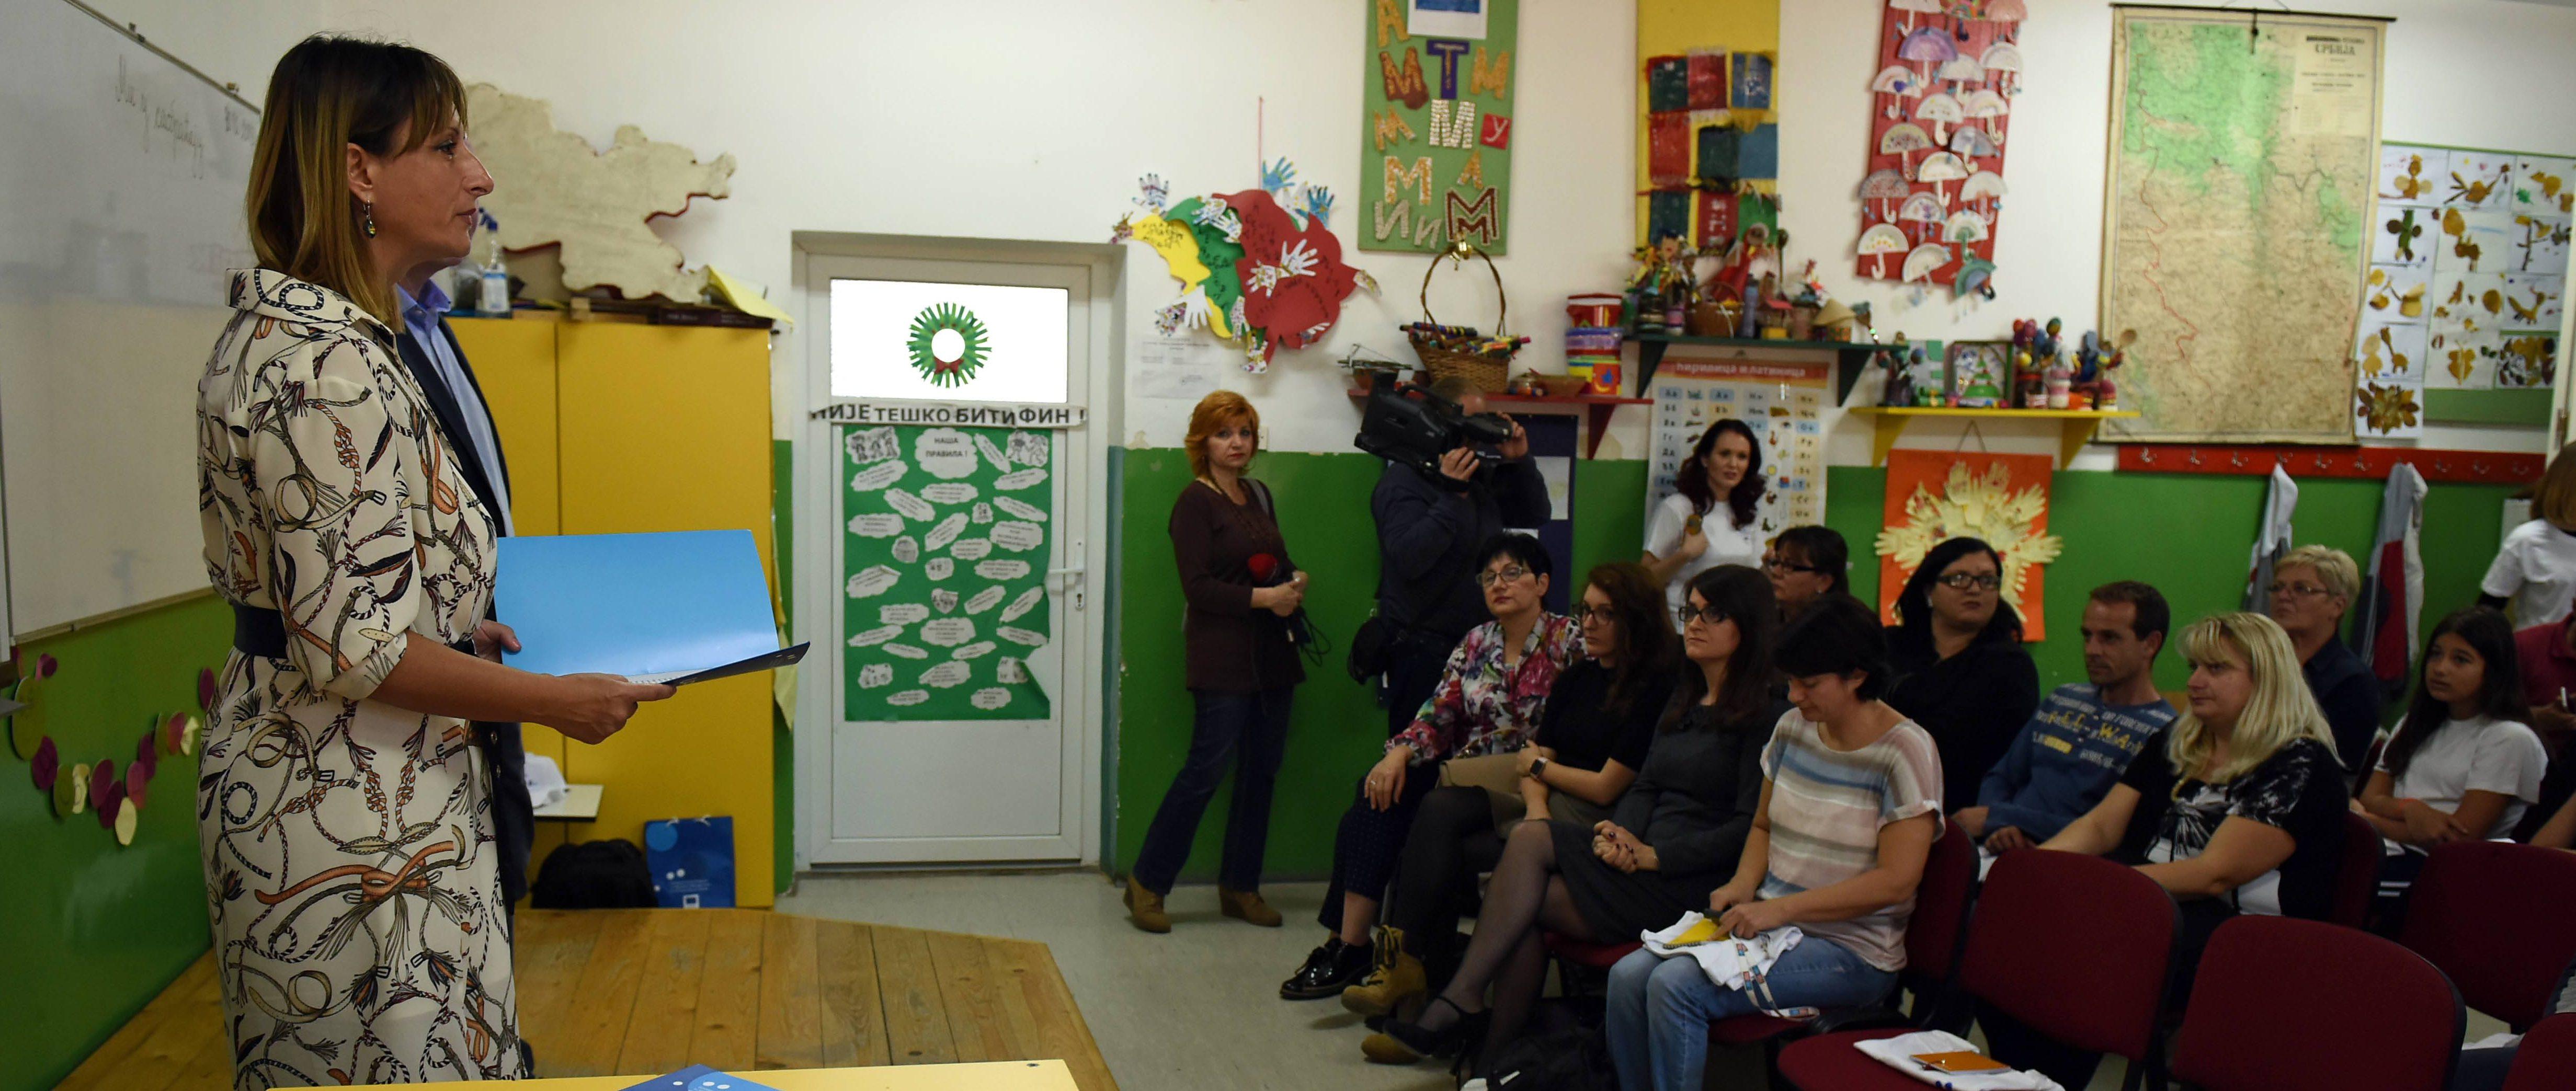 Roditelji i deca migranti družili se u školi u Pirotu